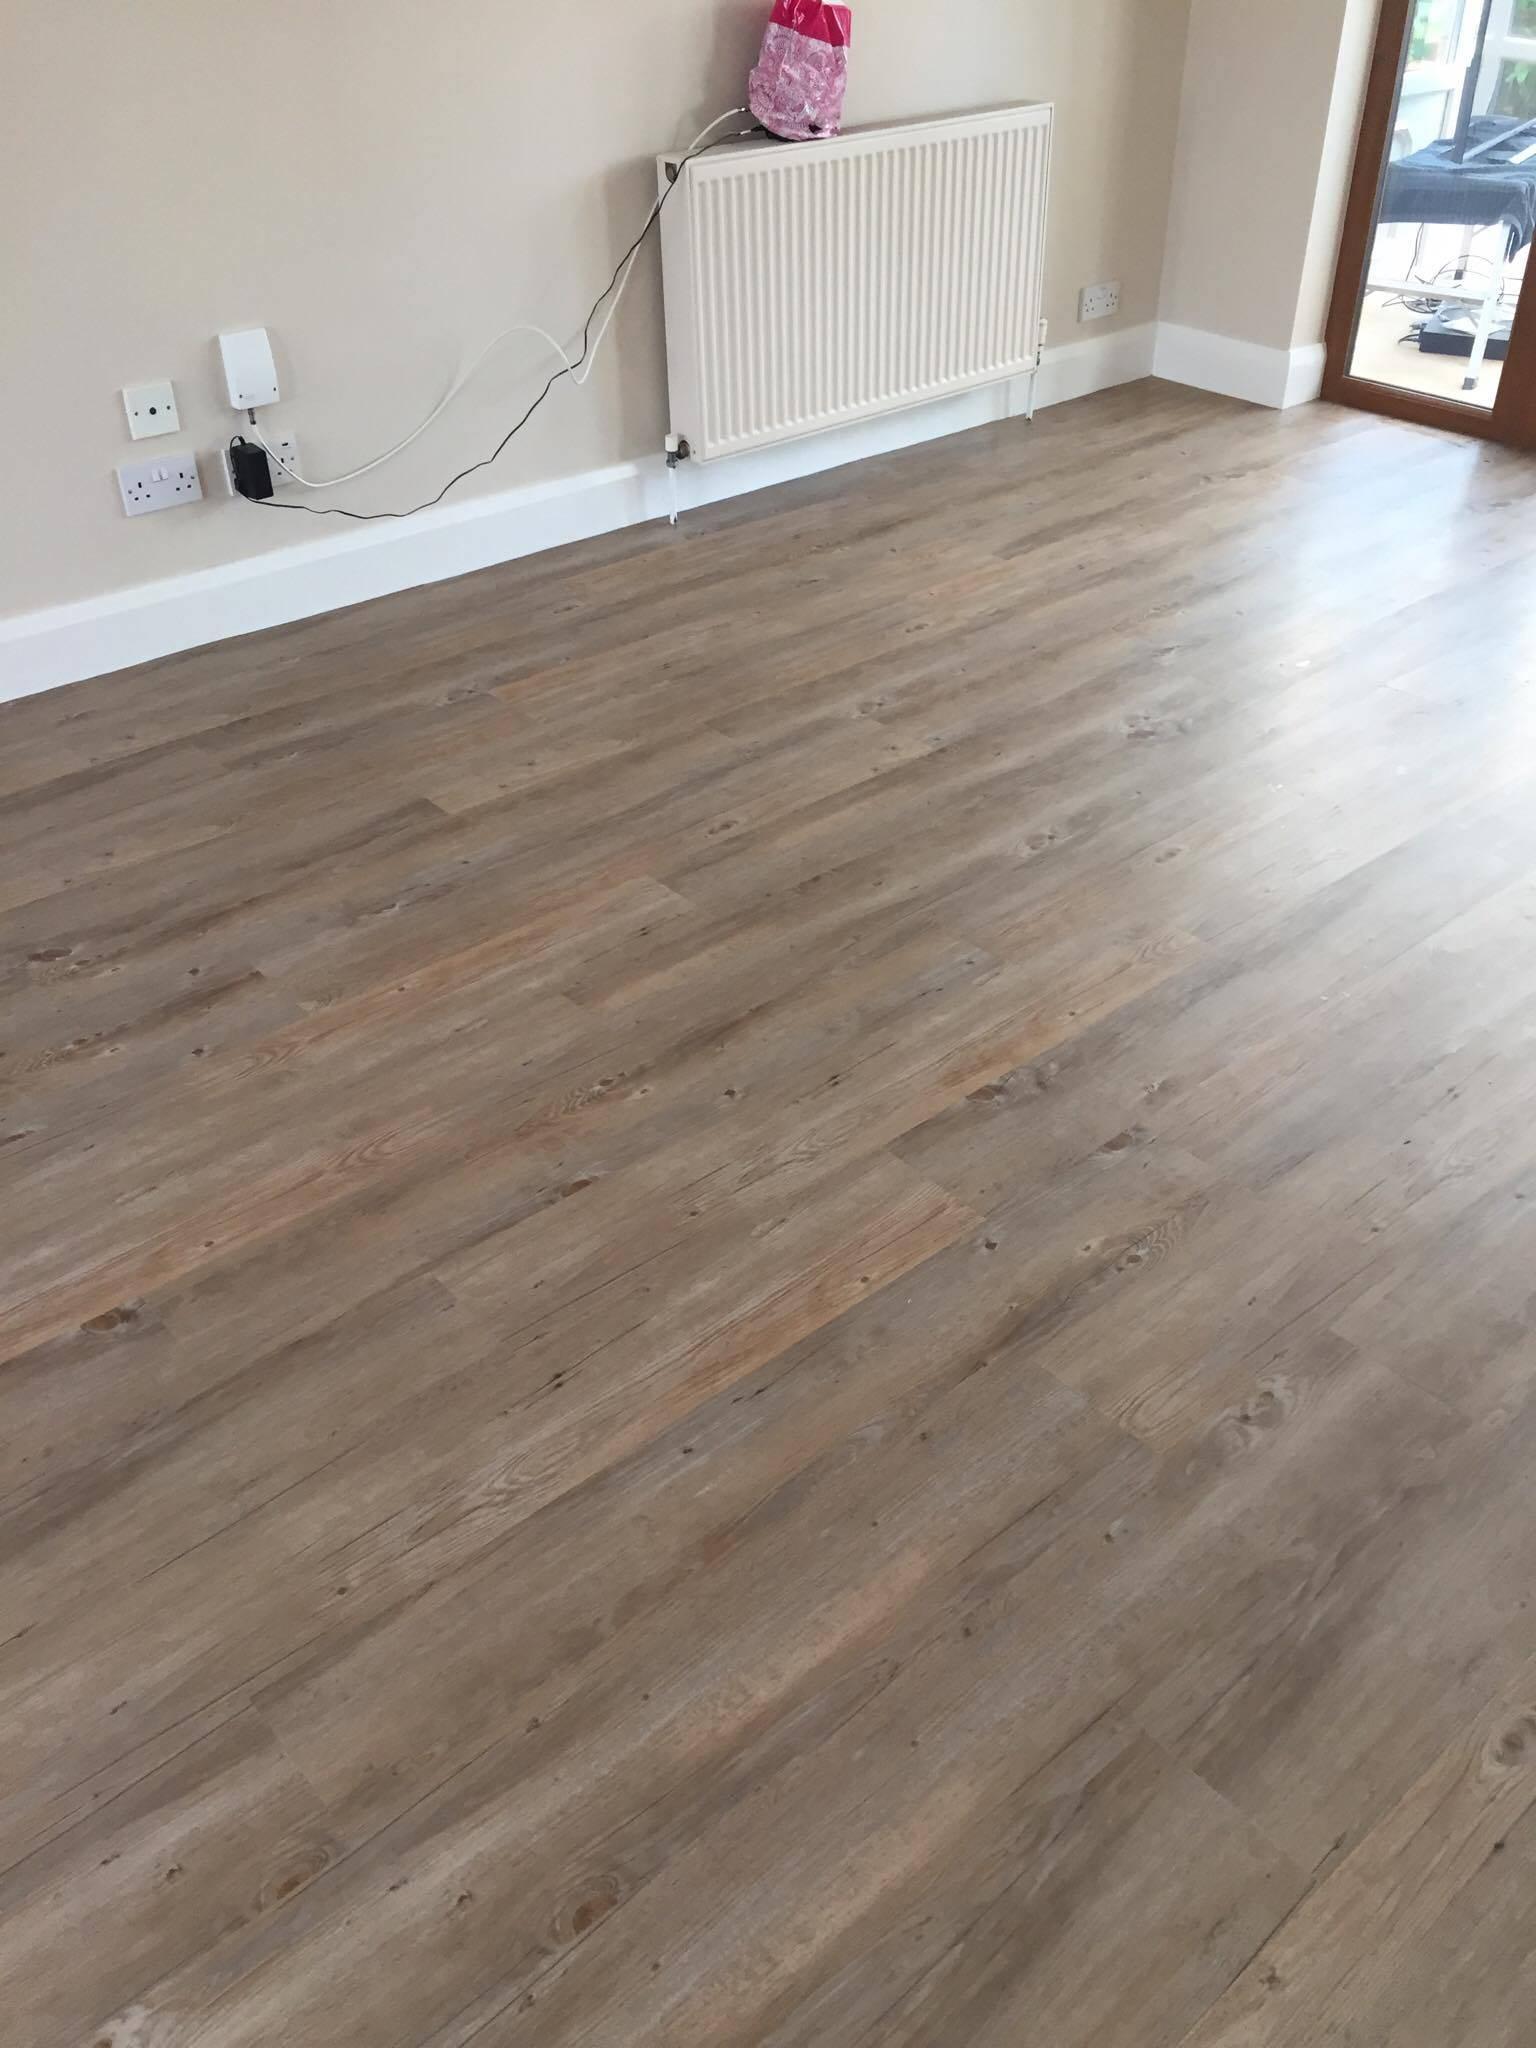 LVT flooring in nuneaton